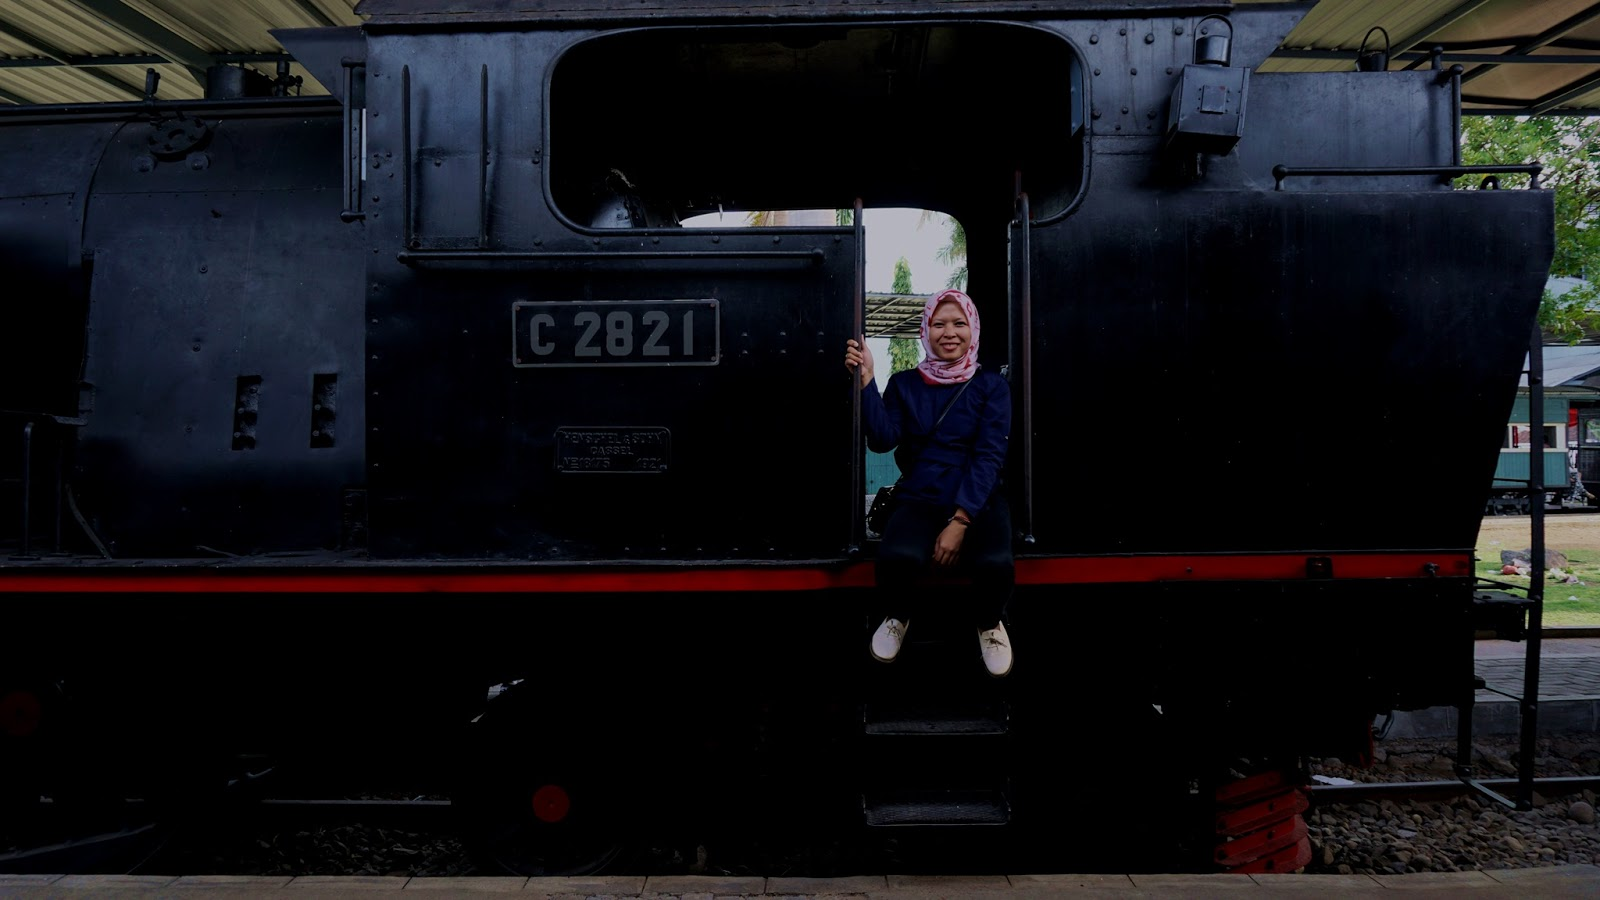 Rizkichuk Museum Kereta Api Ambarawa Destinasi Wajib Dolan Lokomotif Nomor